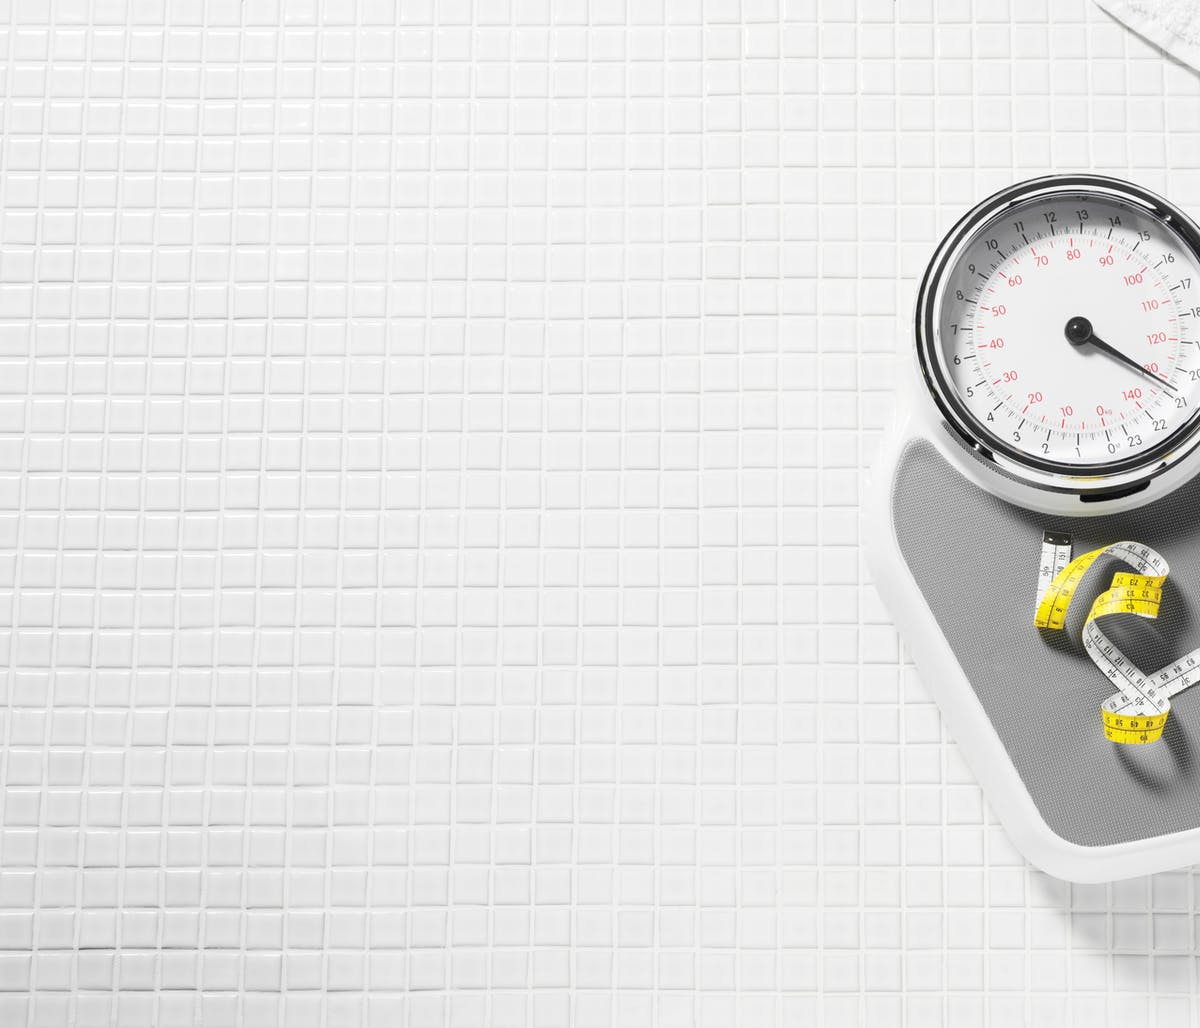 cómo se puede bajar de peso de inmediato